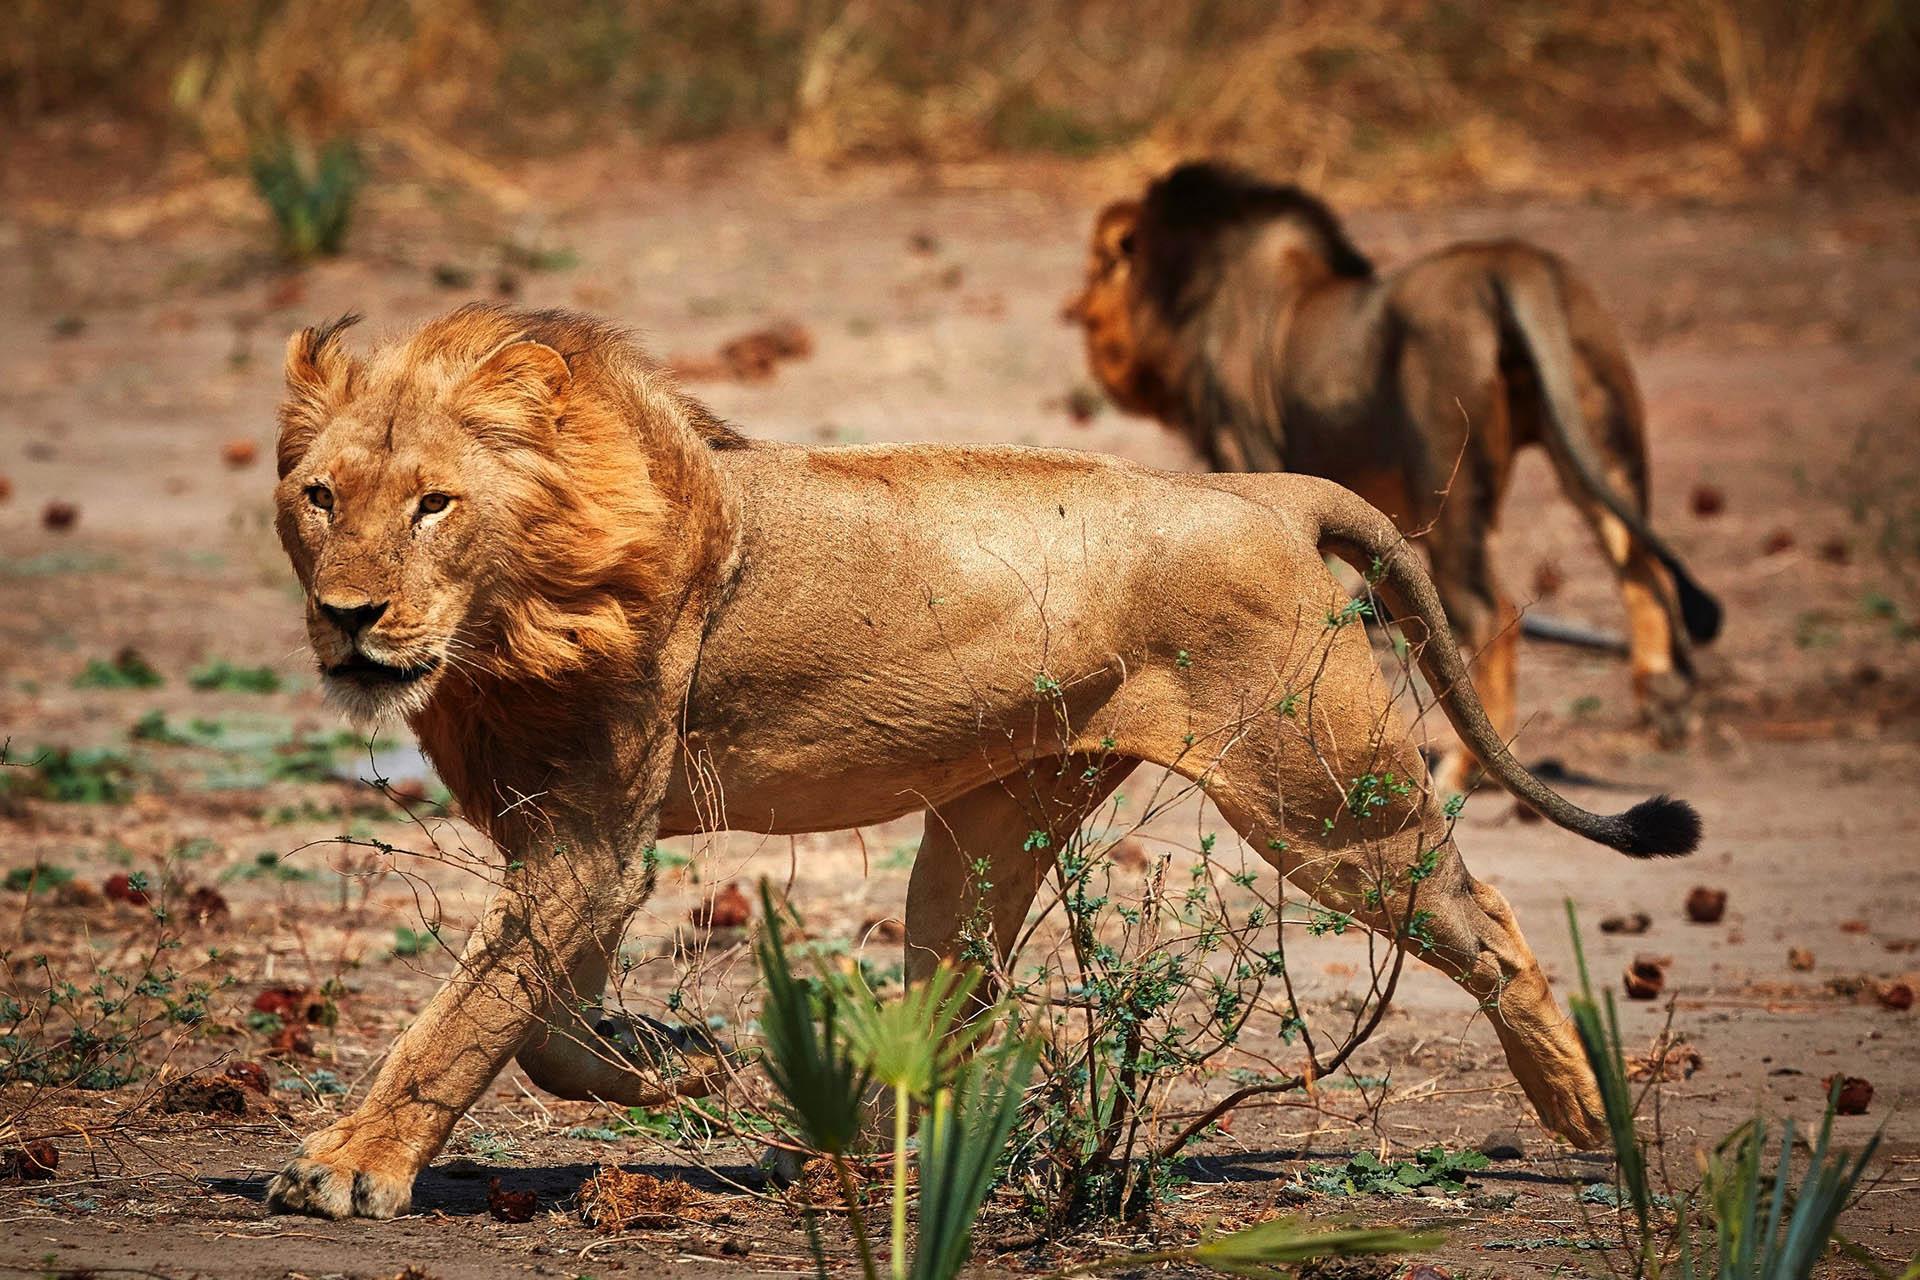 bush beach safaris wet-wild-south-luangwa-lower-zambezi-lake-malawi-11-nights-lower-zambezi-national-park-tours-malawian-style-malawi-adventures-lions-chongwe-safaris